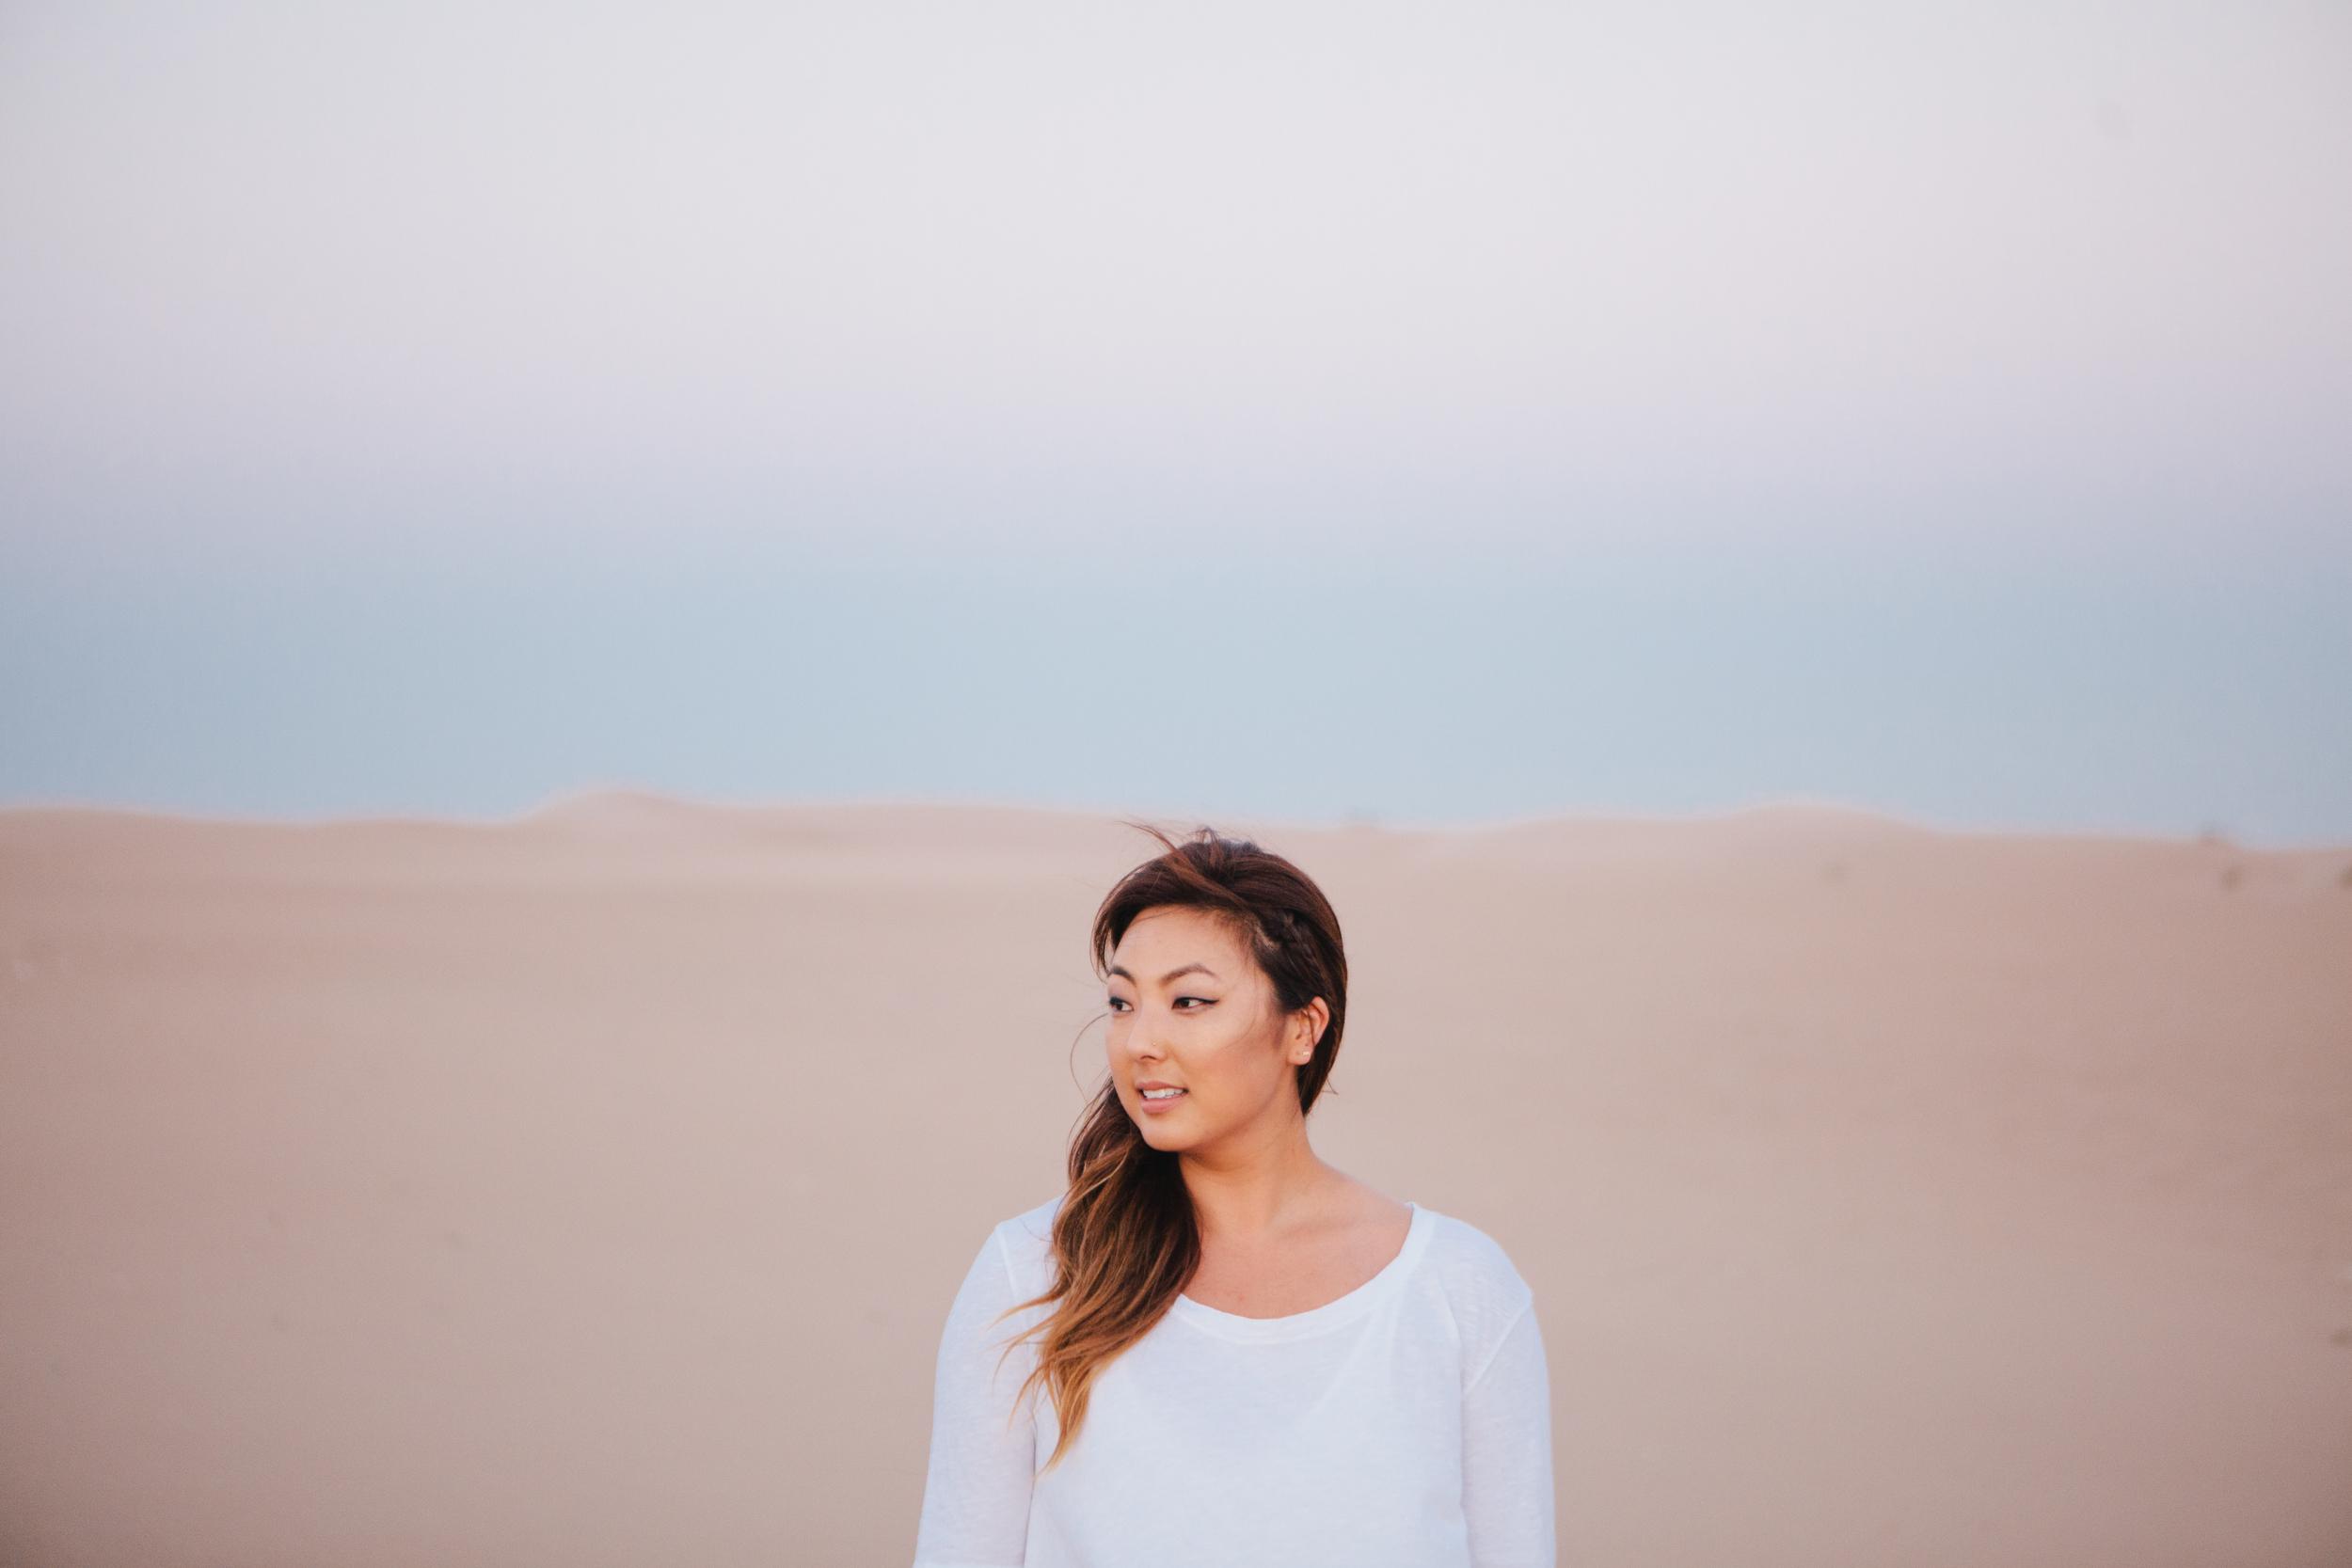 LAURA IZUMIKAWA PHOTOGRAPHY